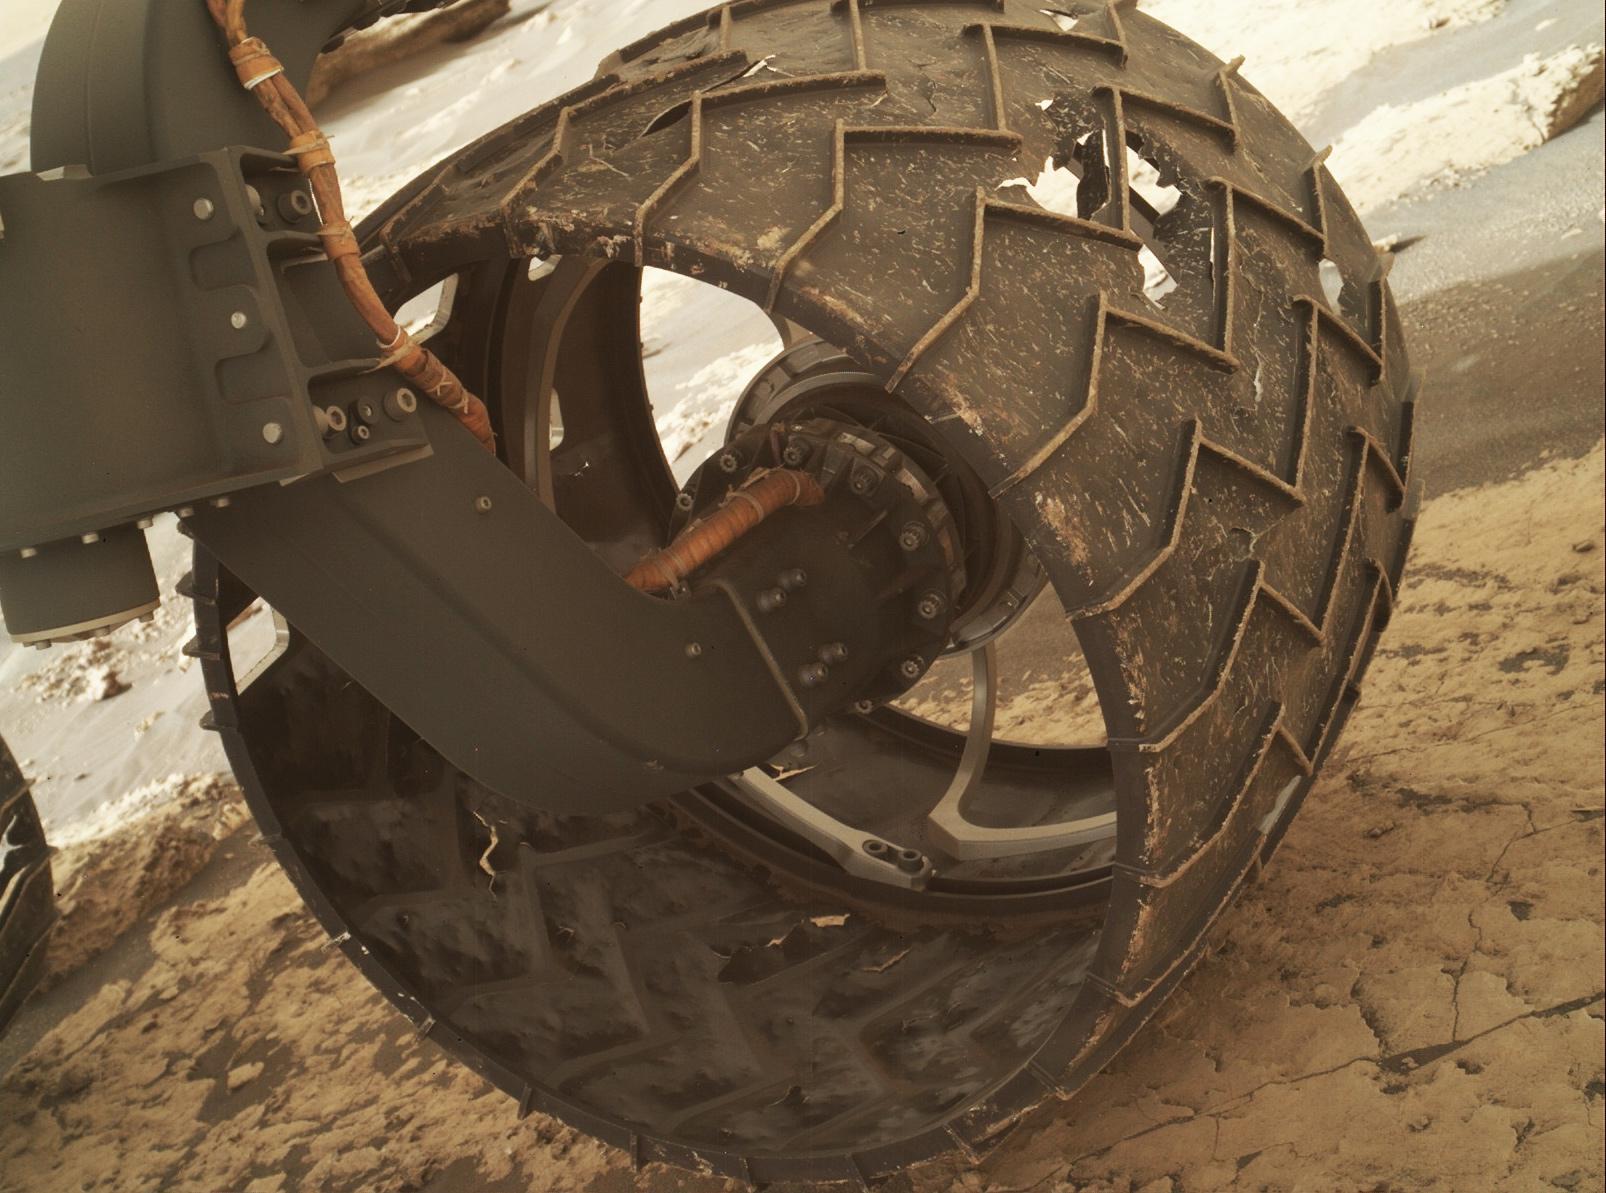 bpc_curiosity-roue20170429.jpg